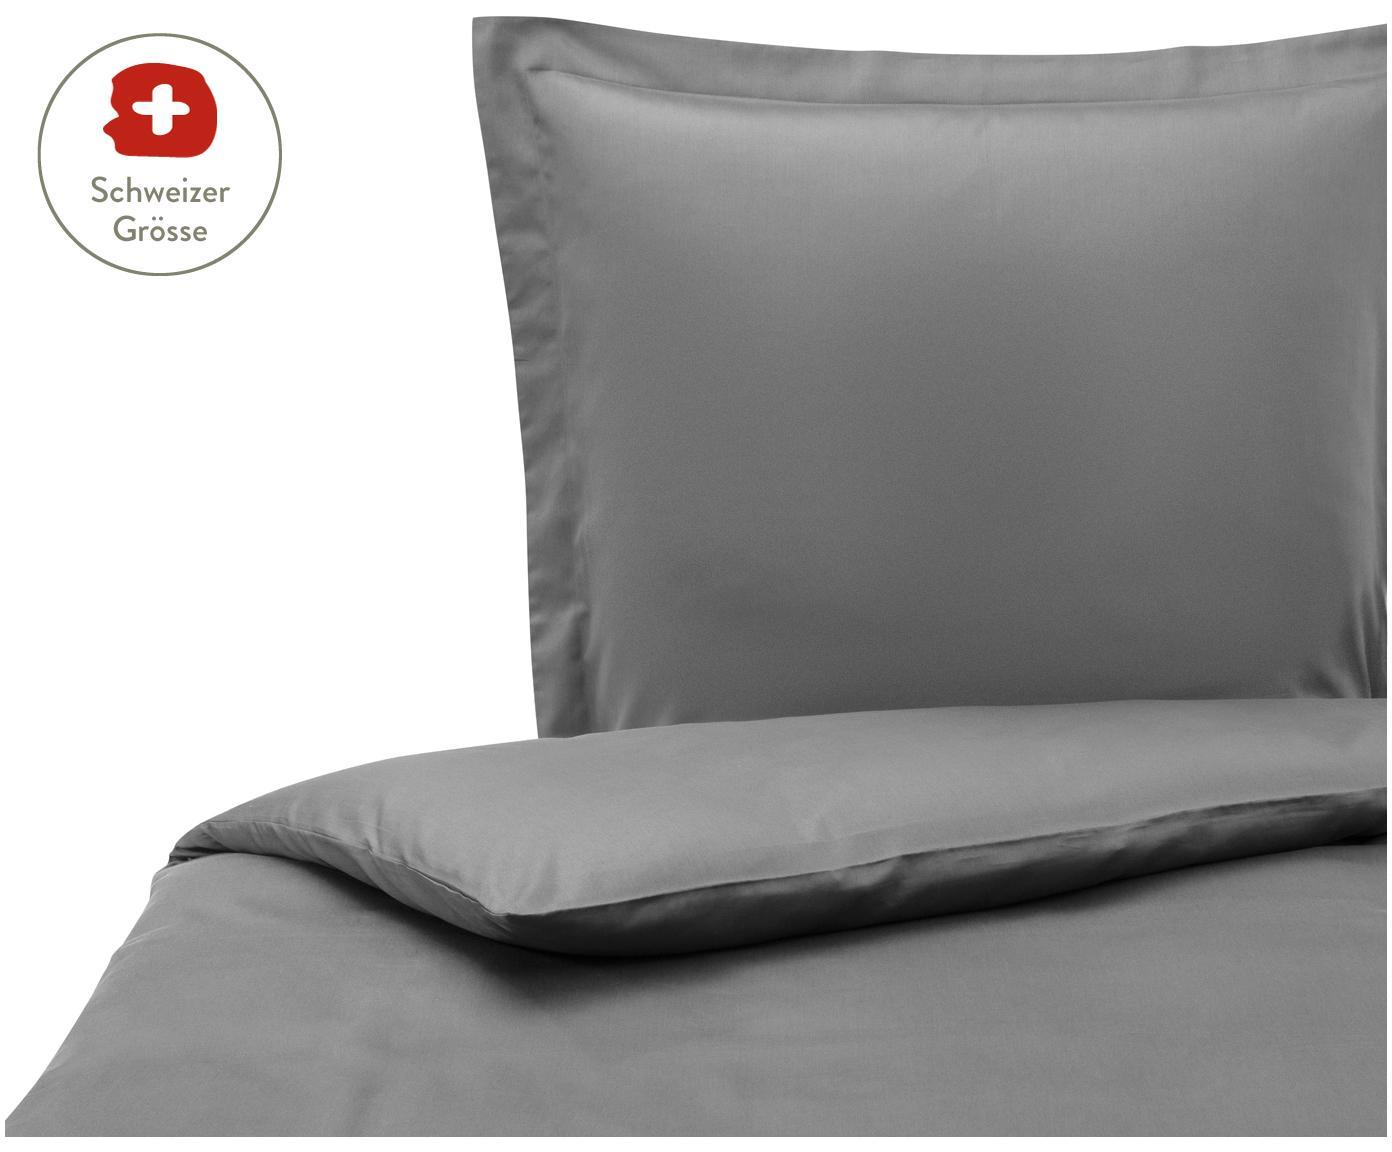 Baumwollsatin-Bettdeckenbezug Premium in Dunkelgrau mit Stehsaum, Webart: Satin, leicht glänzend, Dunkelgrau, 160 x 210 cm